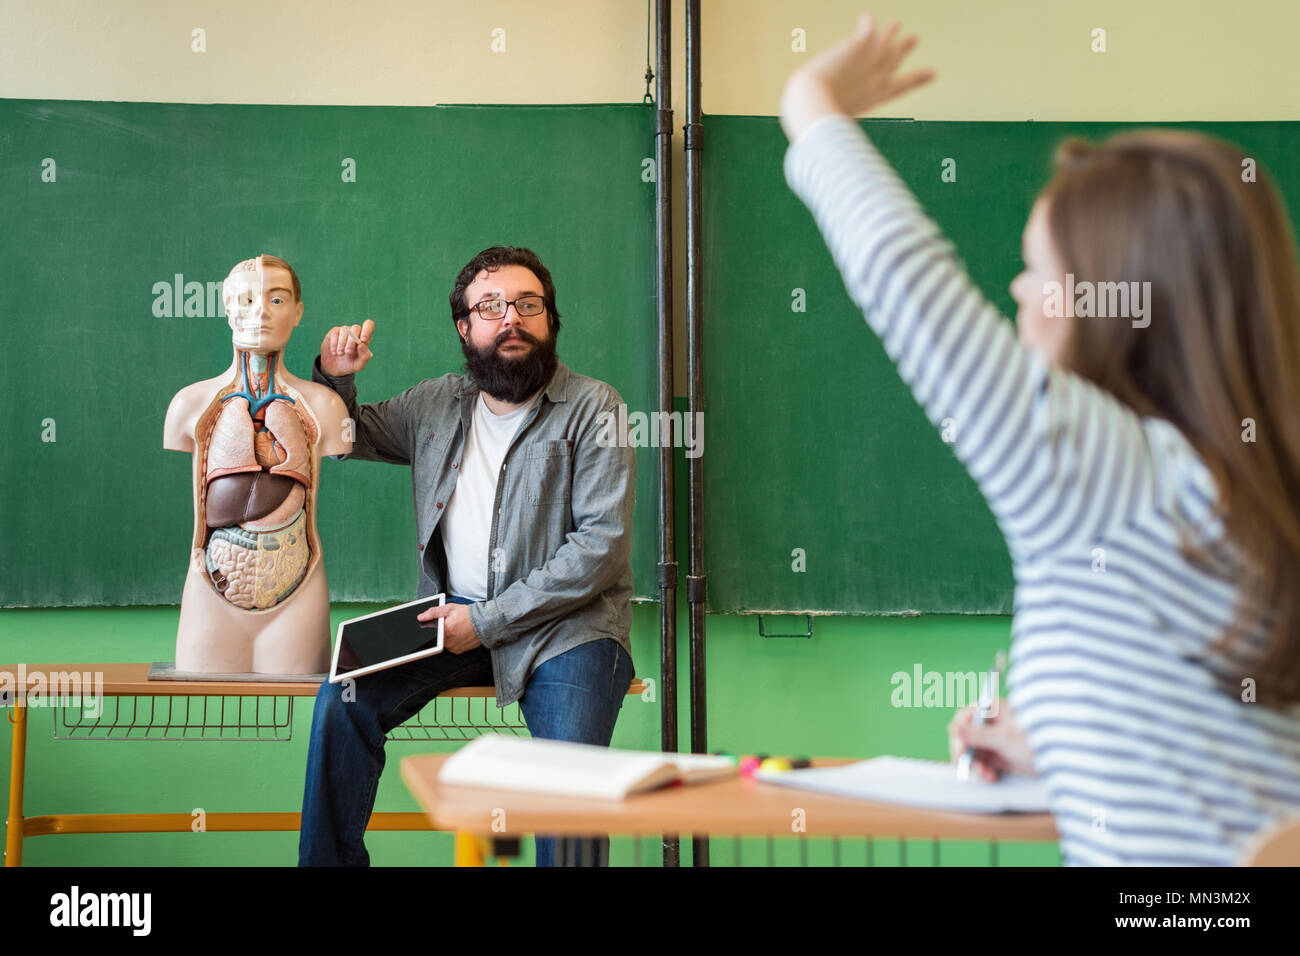 Young male young en cours de biologie, holding digital tablet et l'enseignement de l'anatomie du corps humain, à l'aide de modèle de corps artificiel. Photo Stock